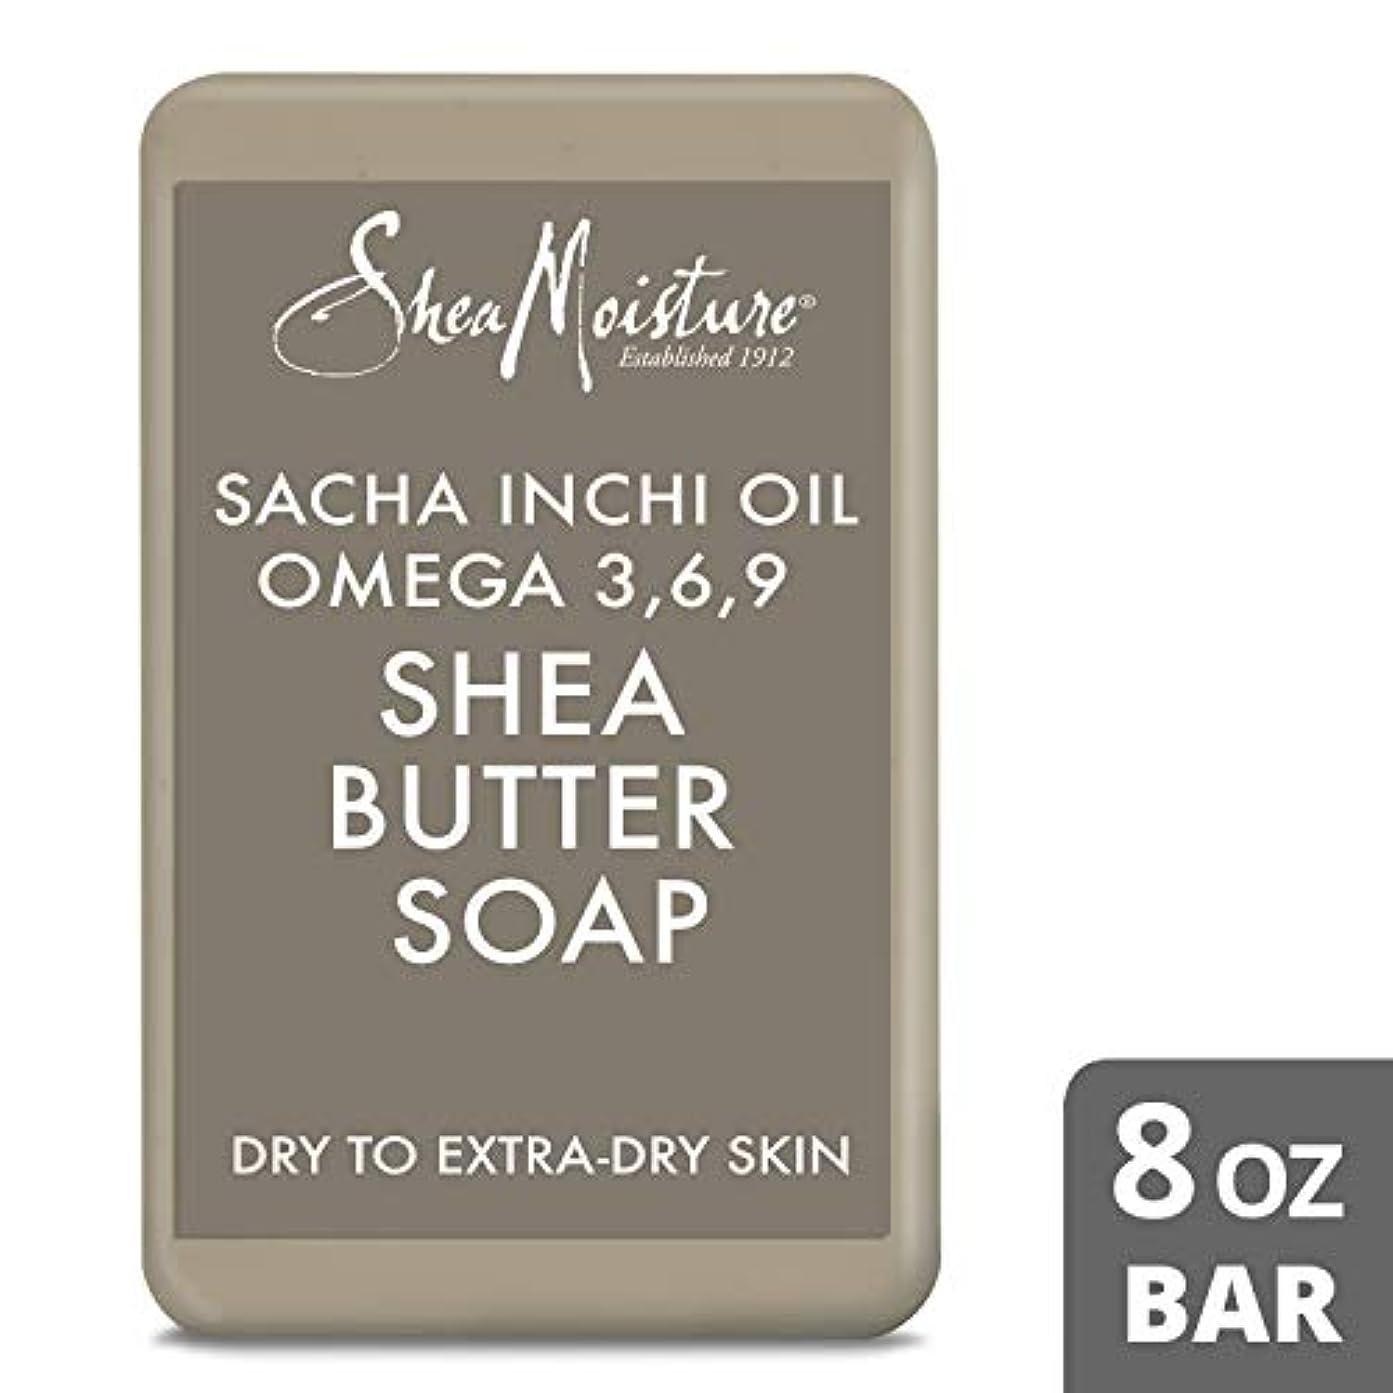 代表して気取らないリボンShea Moisture U-BB-2718 Sacha Inchi Oil Omega-3-6-9 Rescue Shea Butter Soap - Dry to Extra-Dry Skin for Unisex...